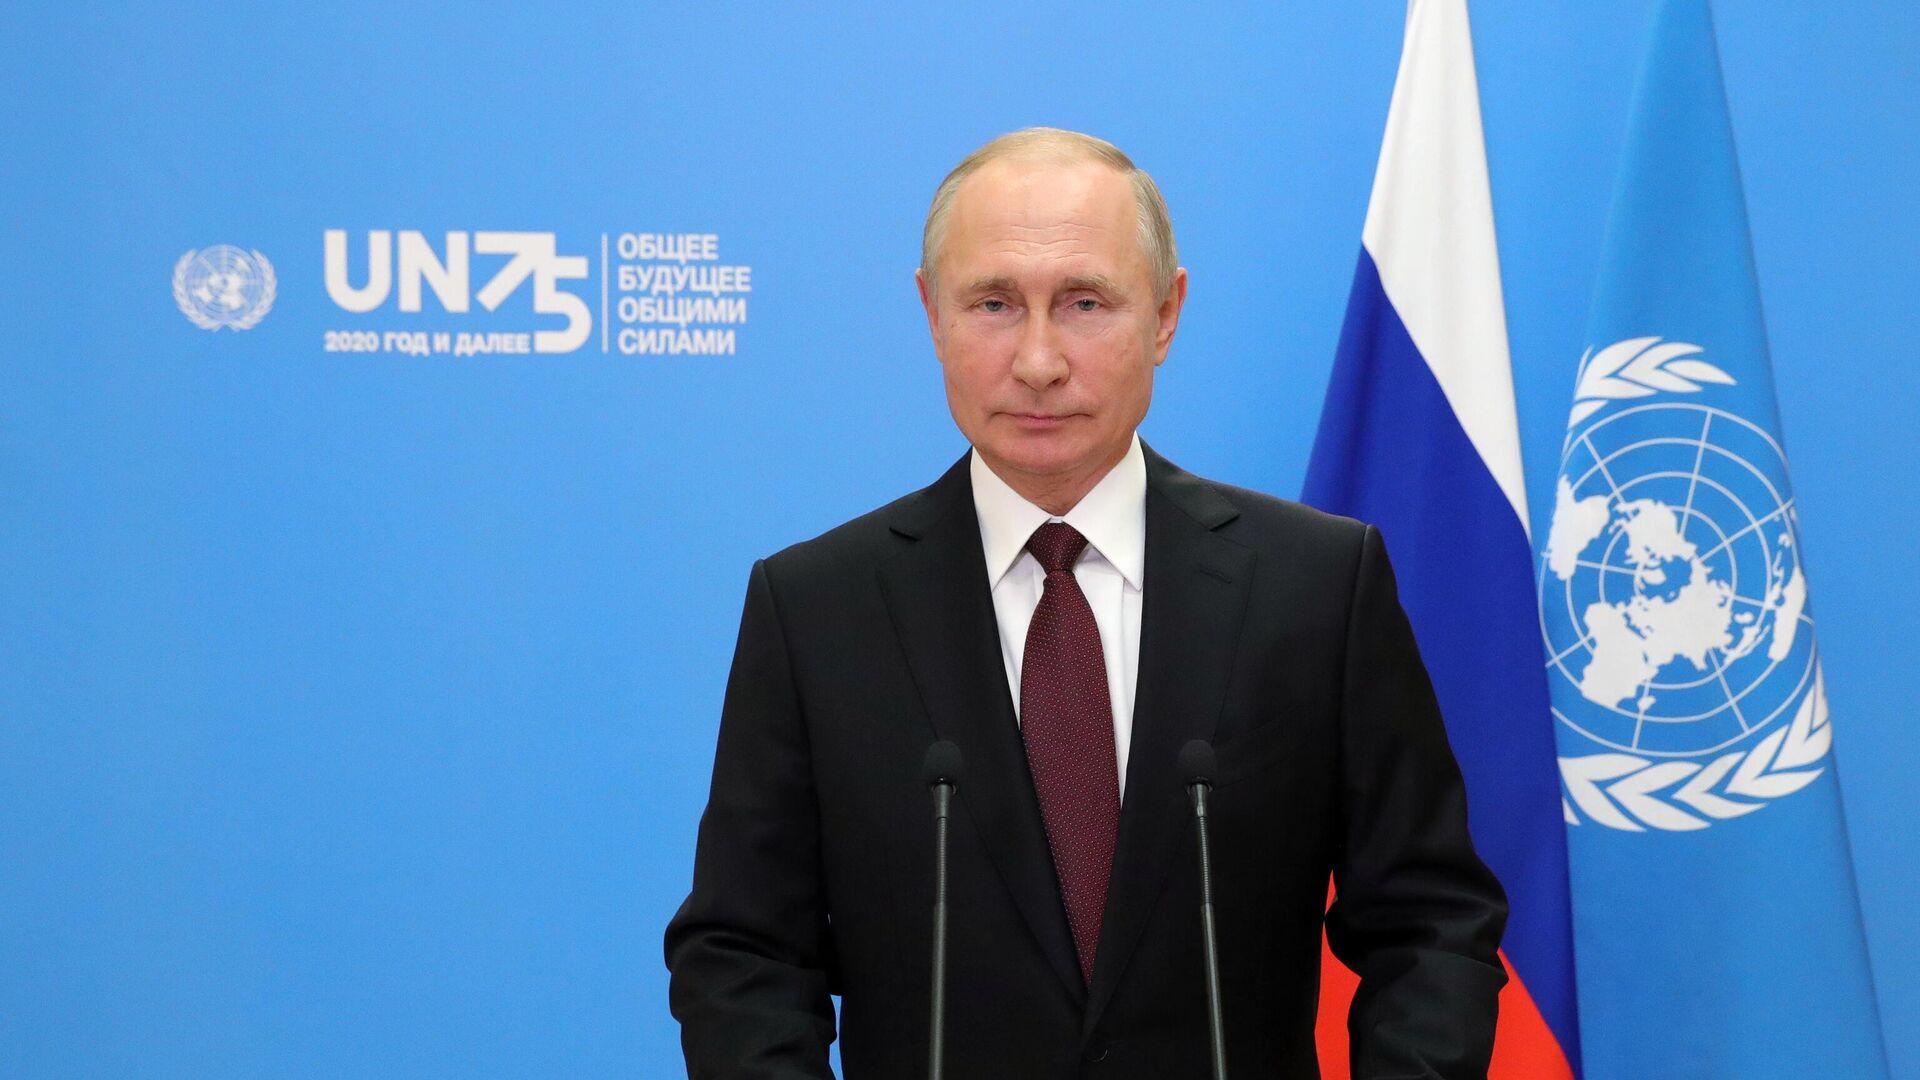 Президент РФ Владимир Путин во время выступления с видеообращением на 75-й сессии Генеральной ассамблеи Организации Объединенных Наций - РИА Новости, 1920, 22.09.2020